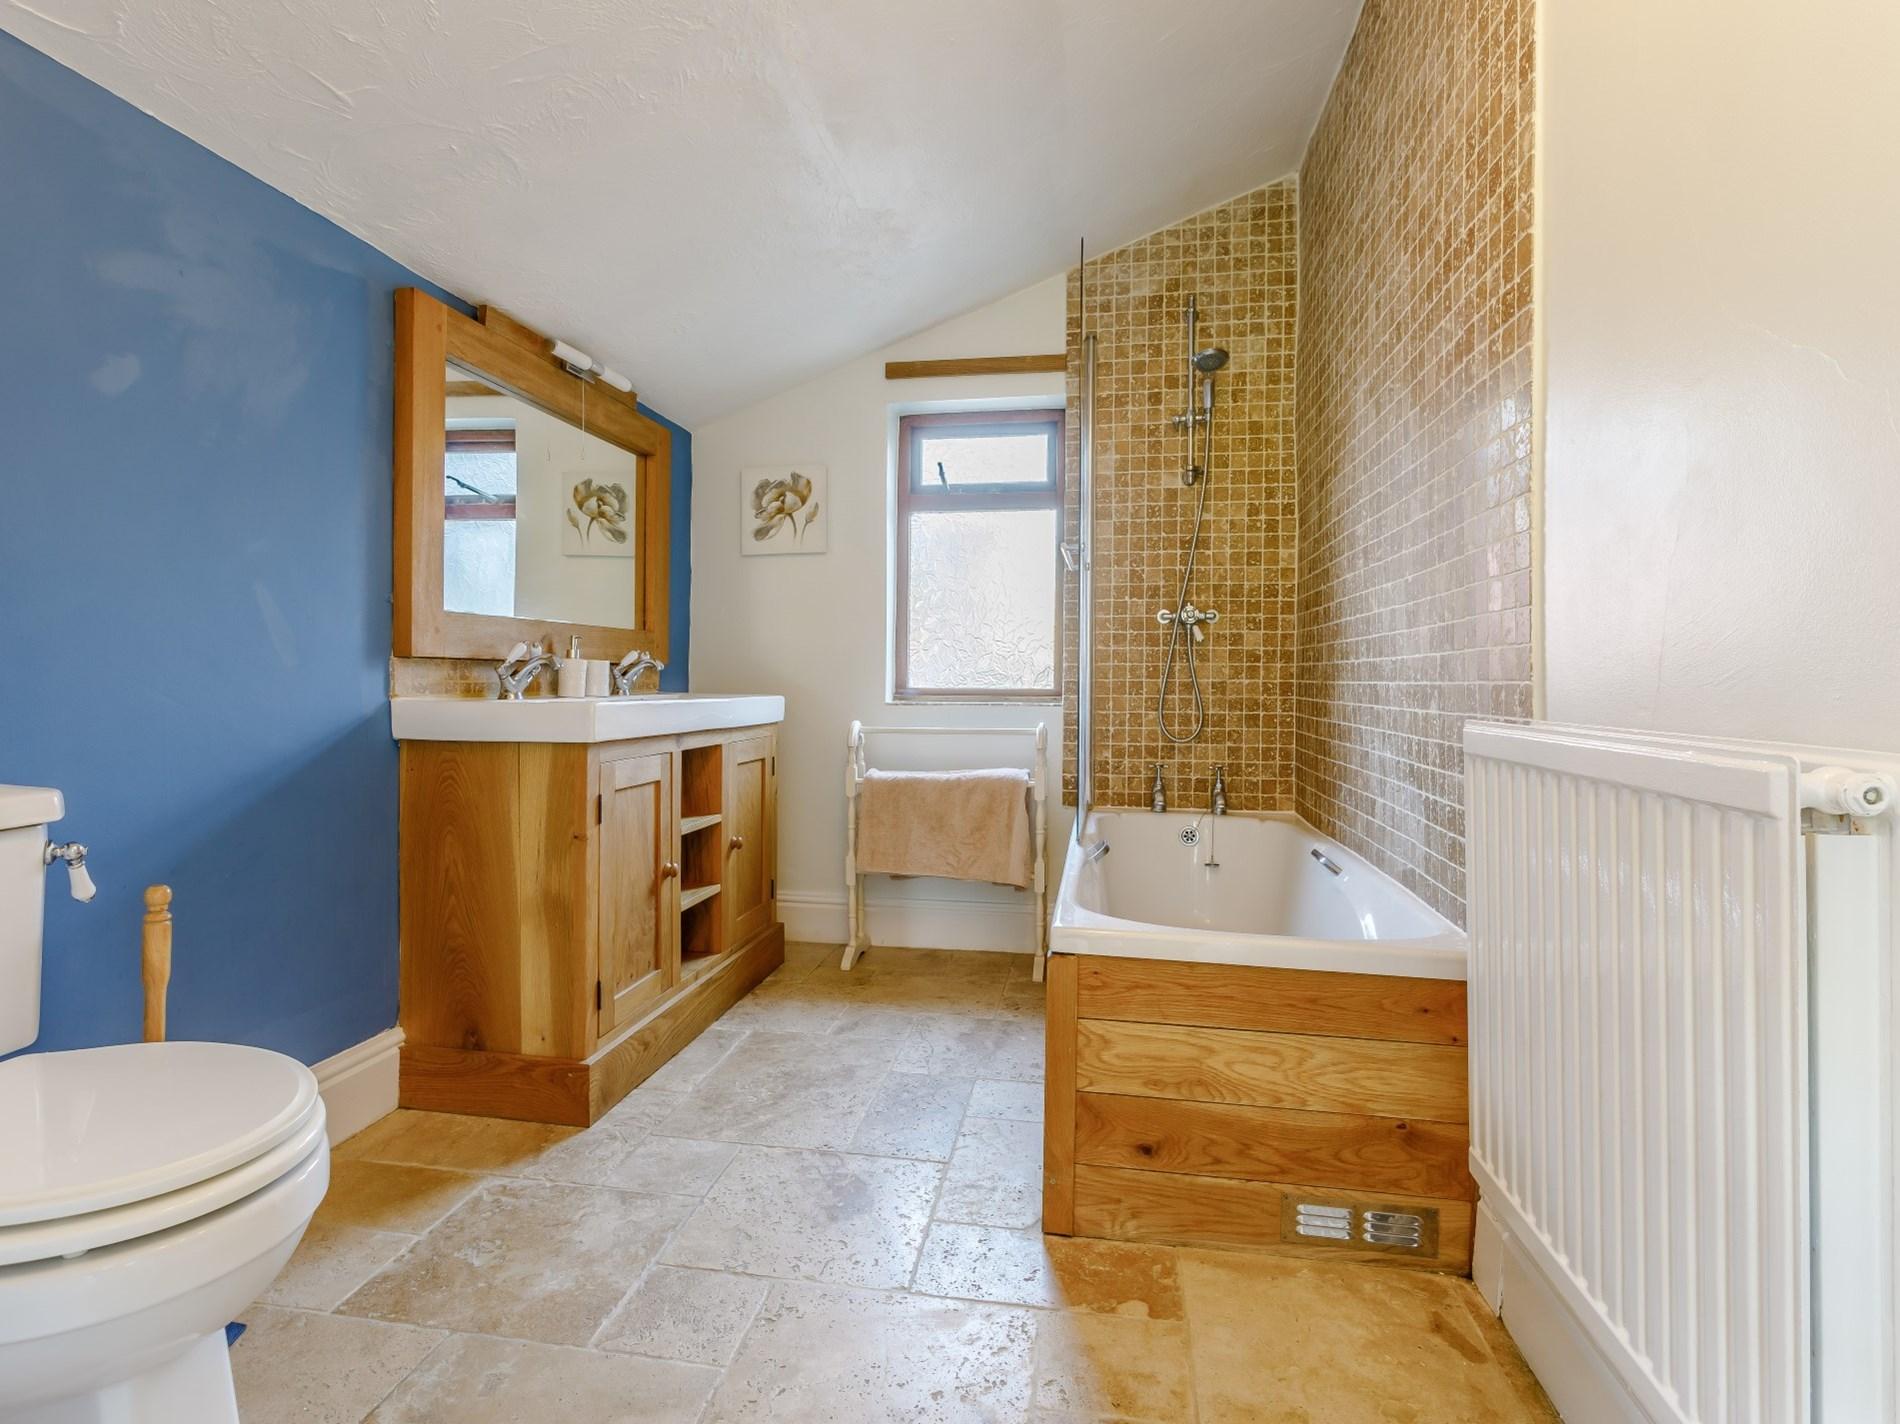 3 Bedroom Cottage in Umberleigh, Devon